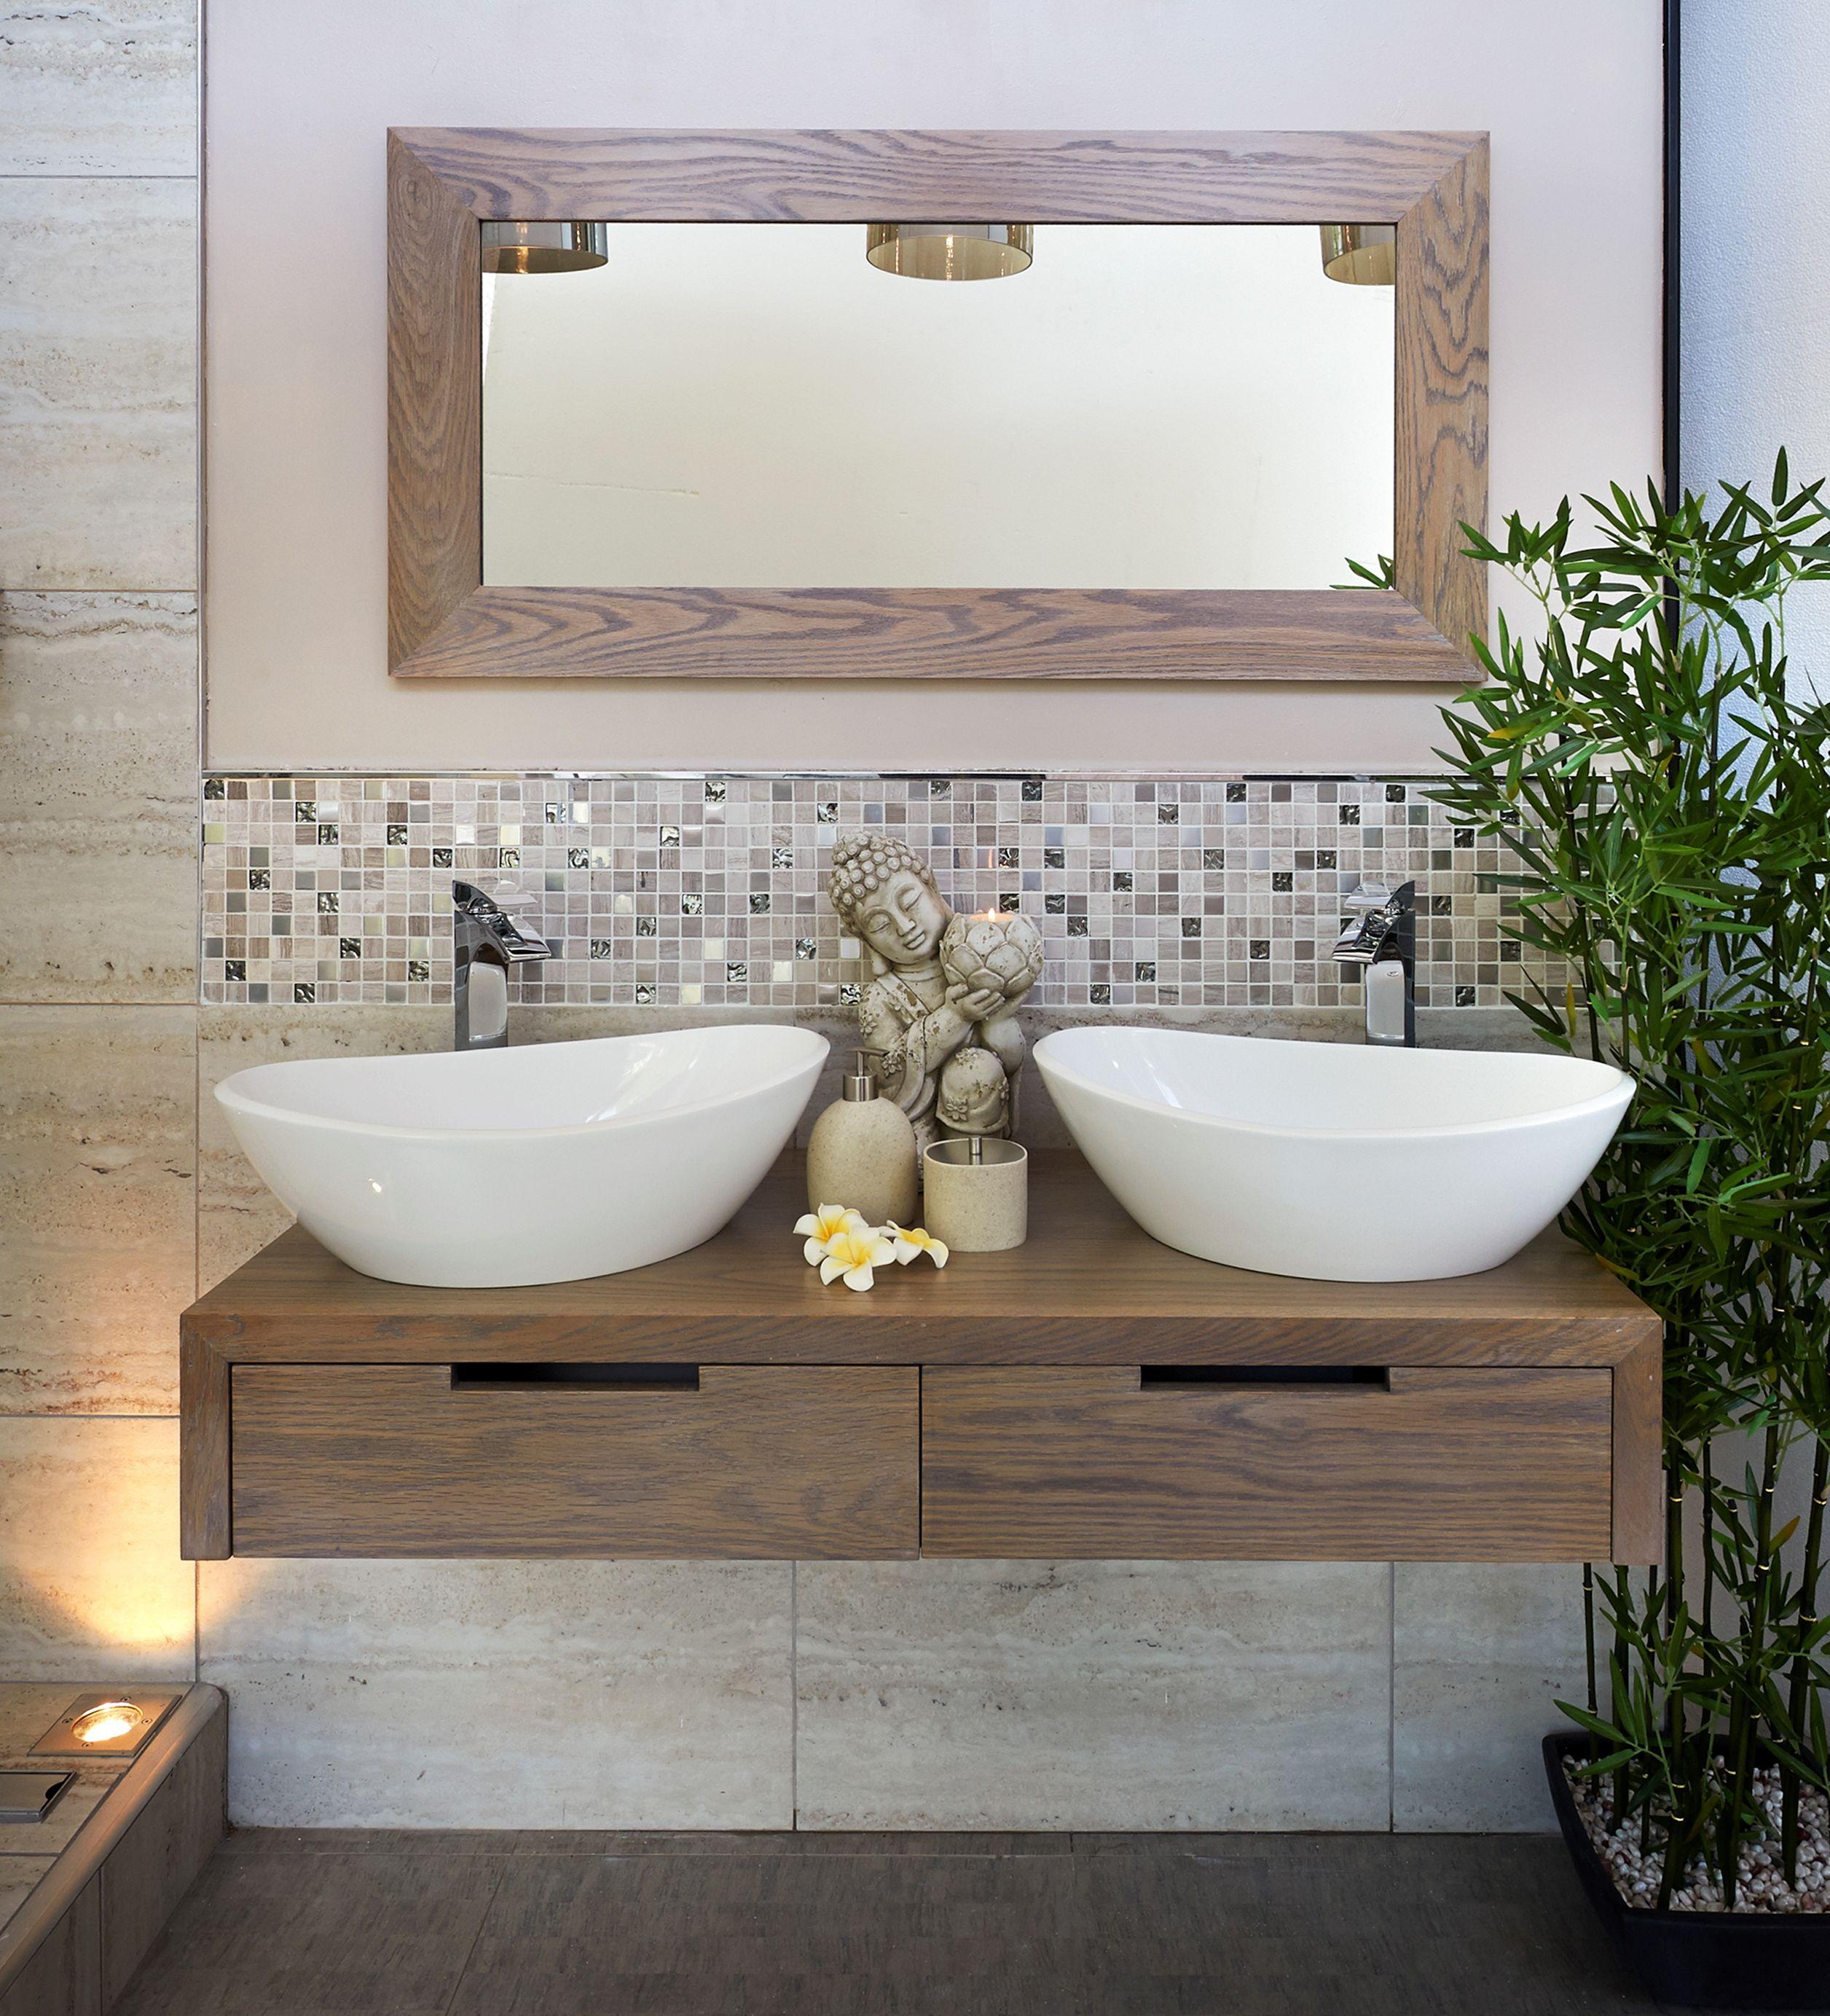 2014 Bathroom Trend Alert Tones From Mother Nature Bachas Para Banos Decoracion Banos Muebles De Bano